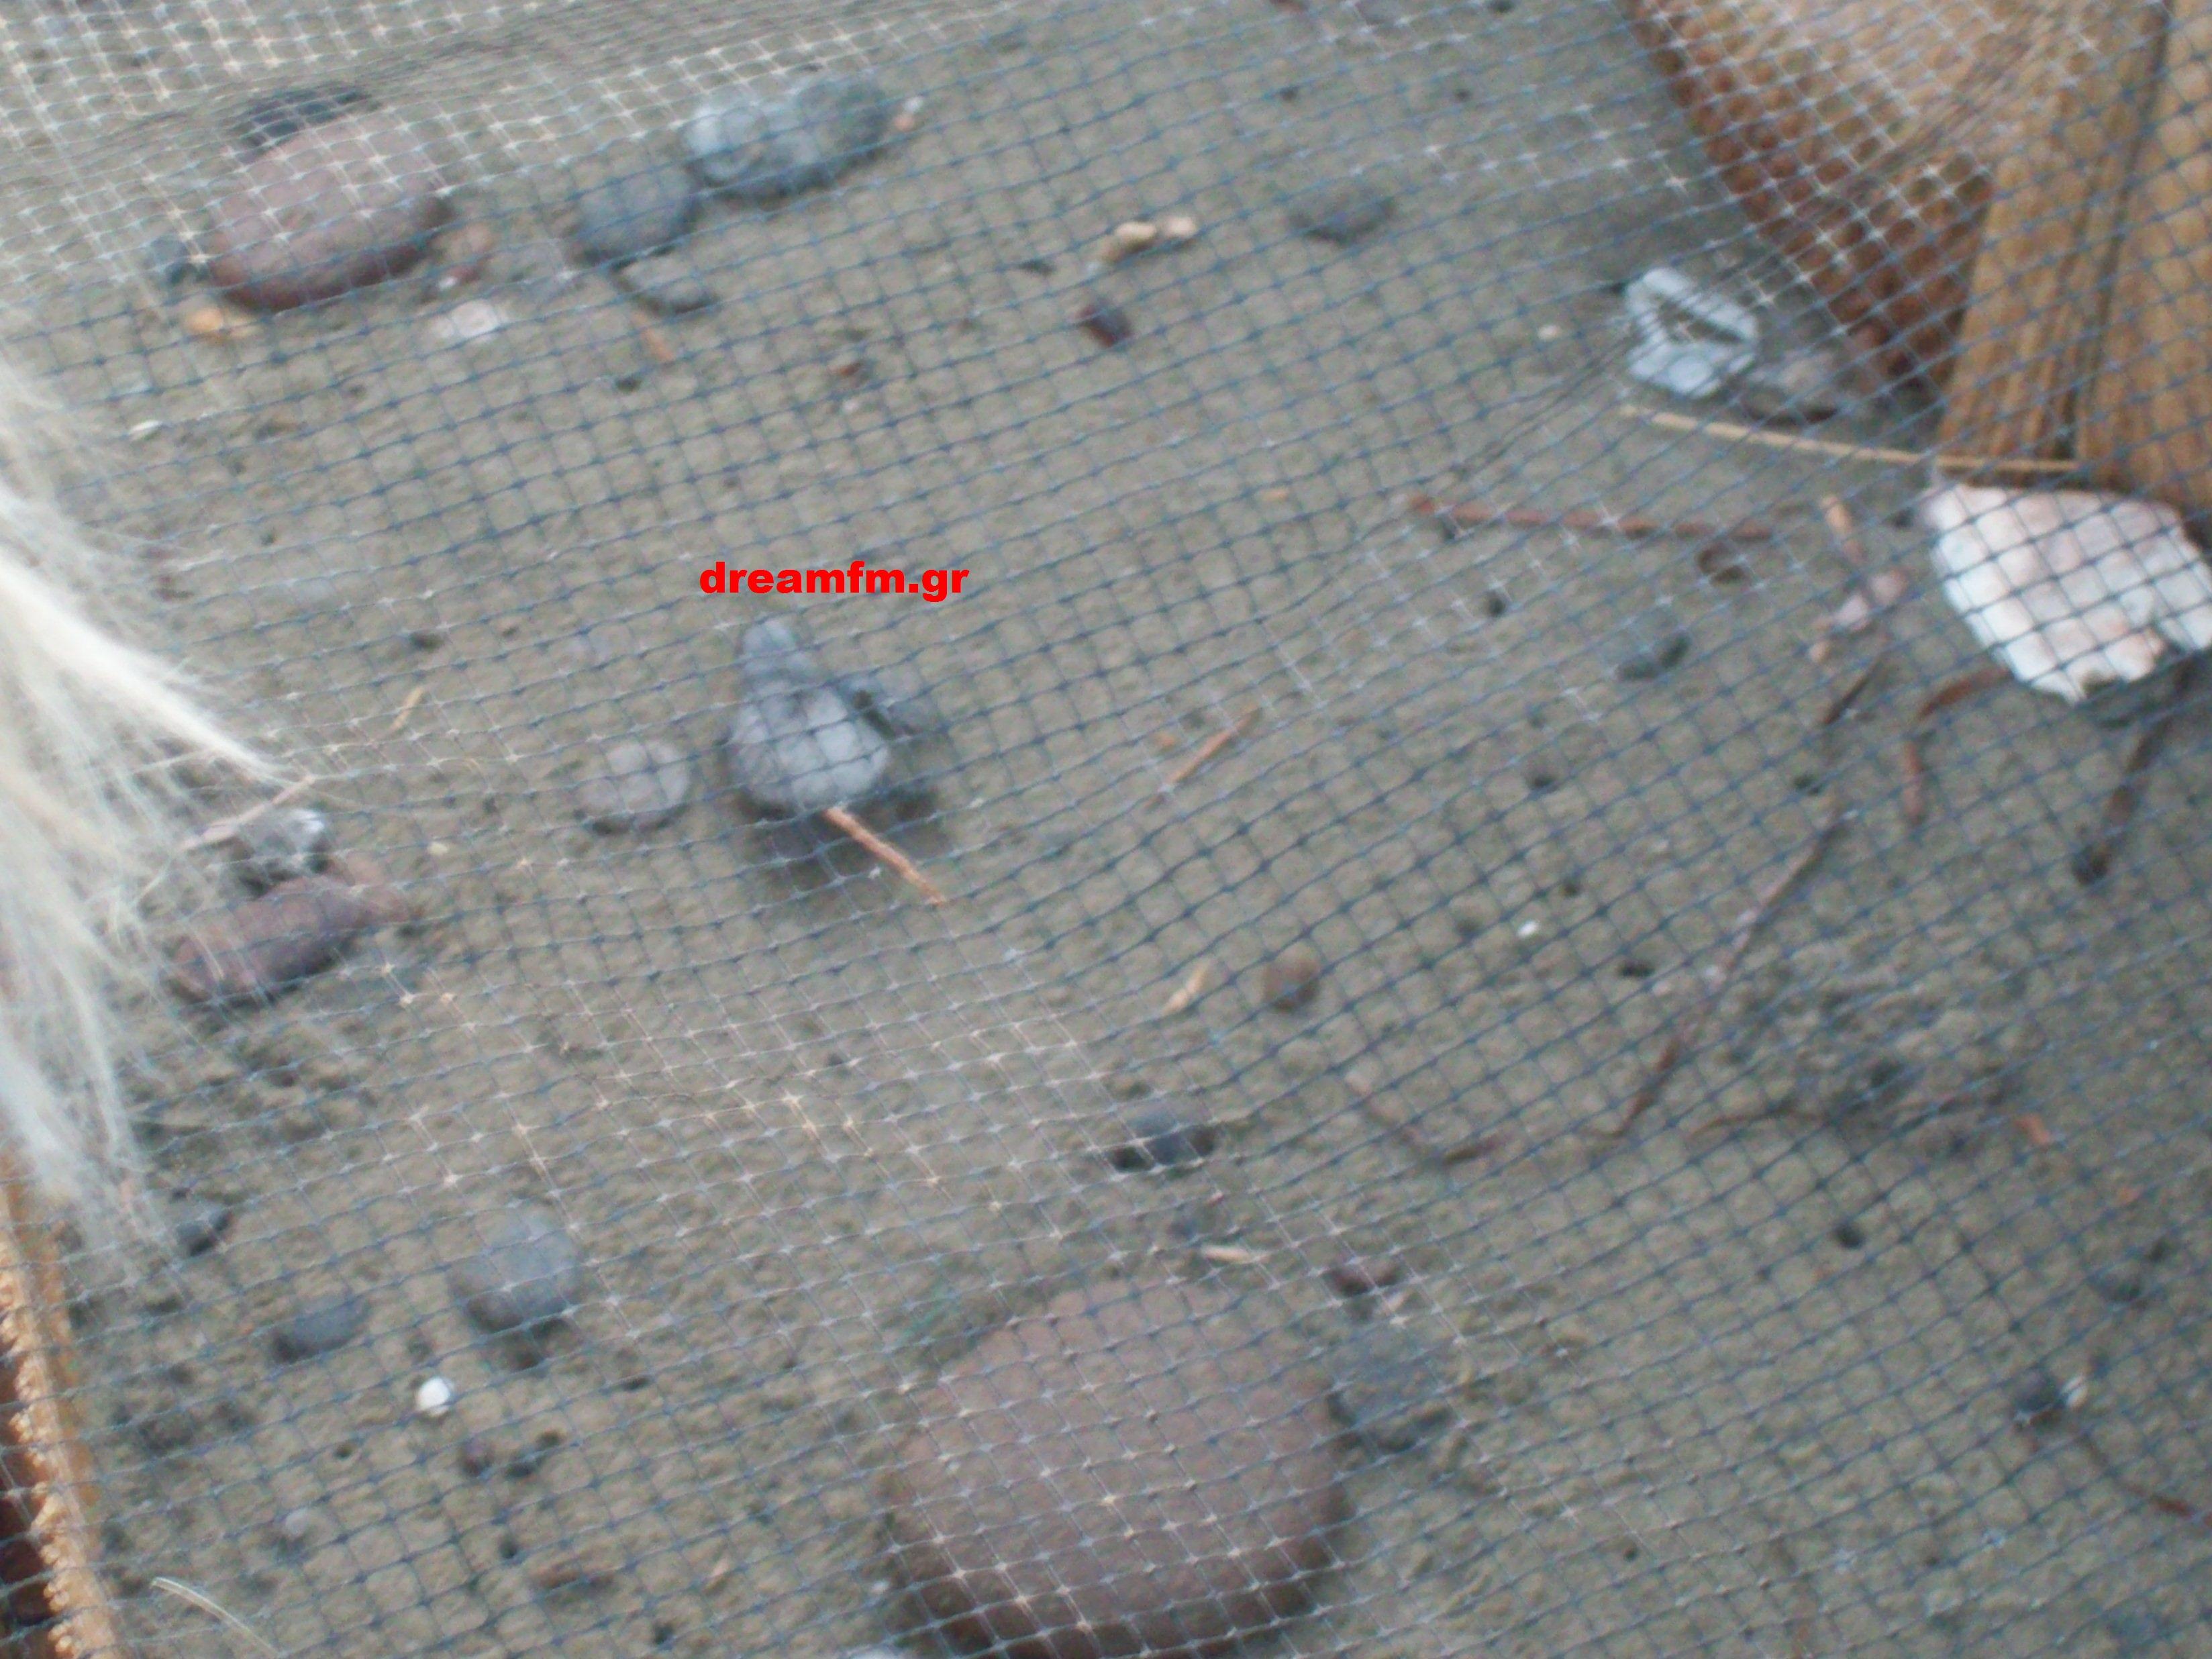 Ένα χελωνάκι στο δρόμο προς την ελευθερία